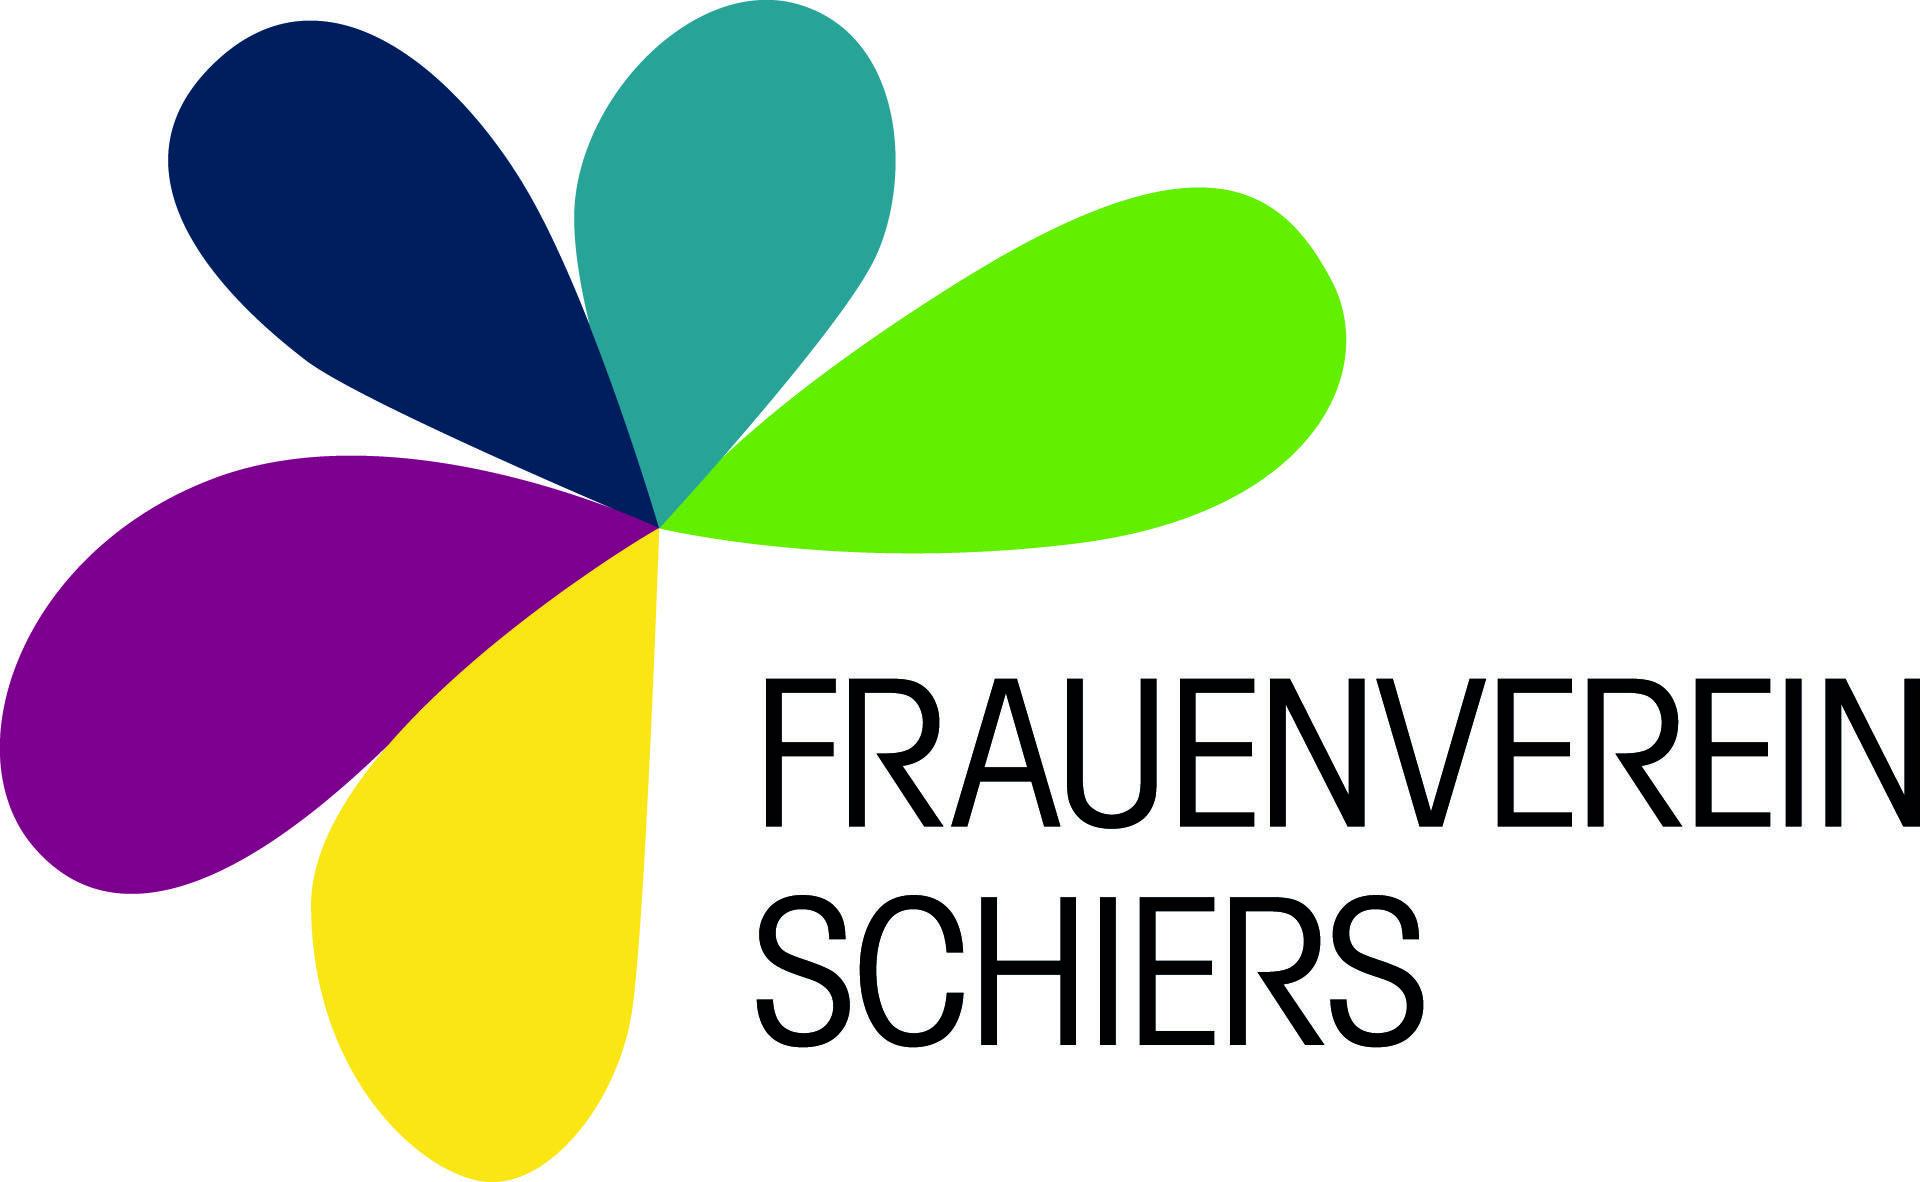 Frauenverein Schiers